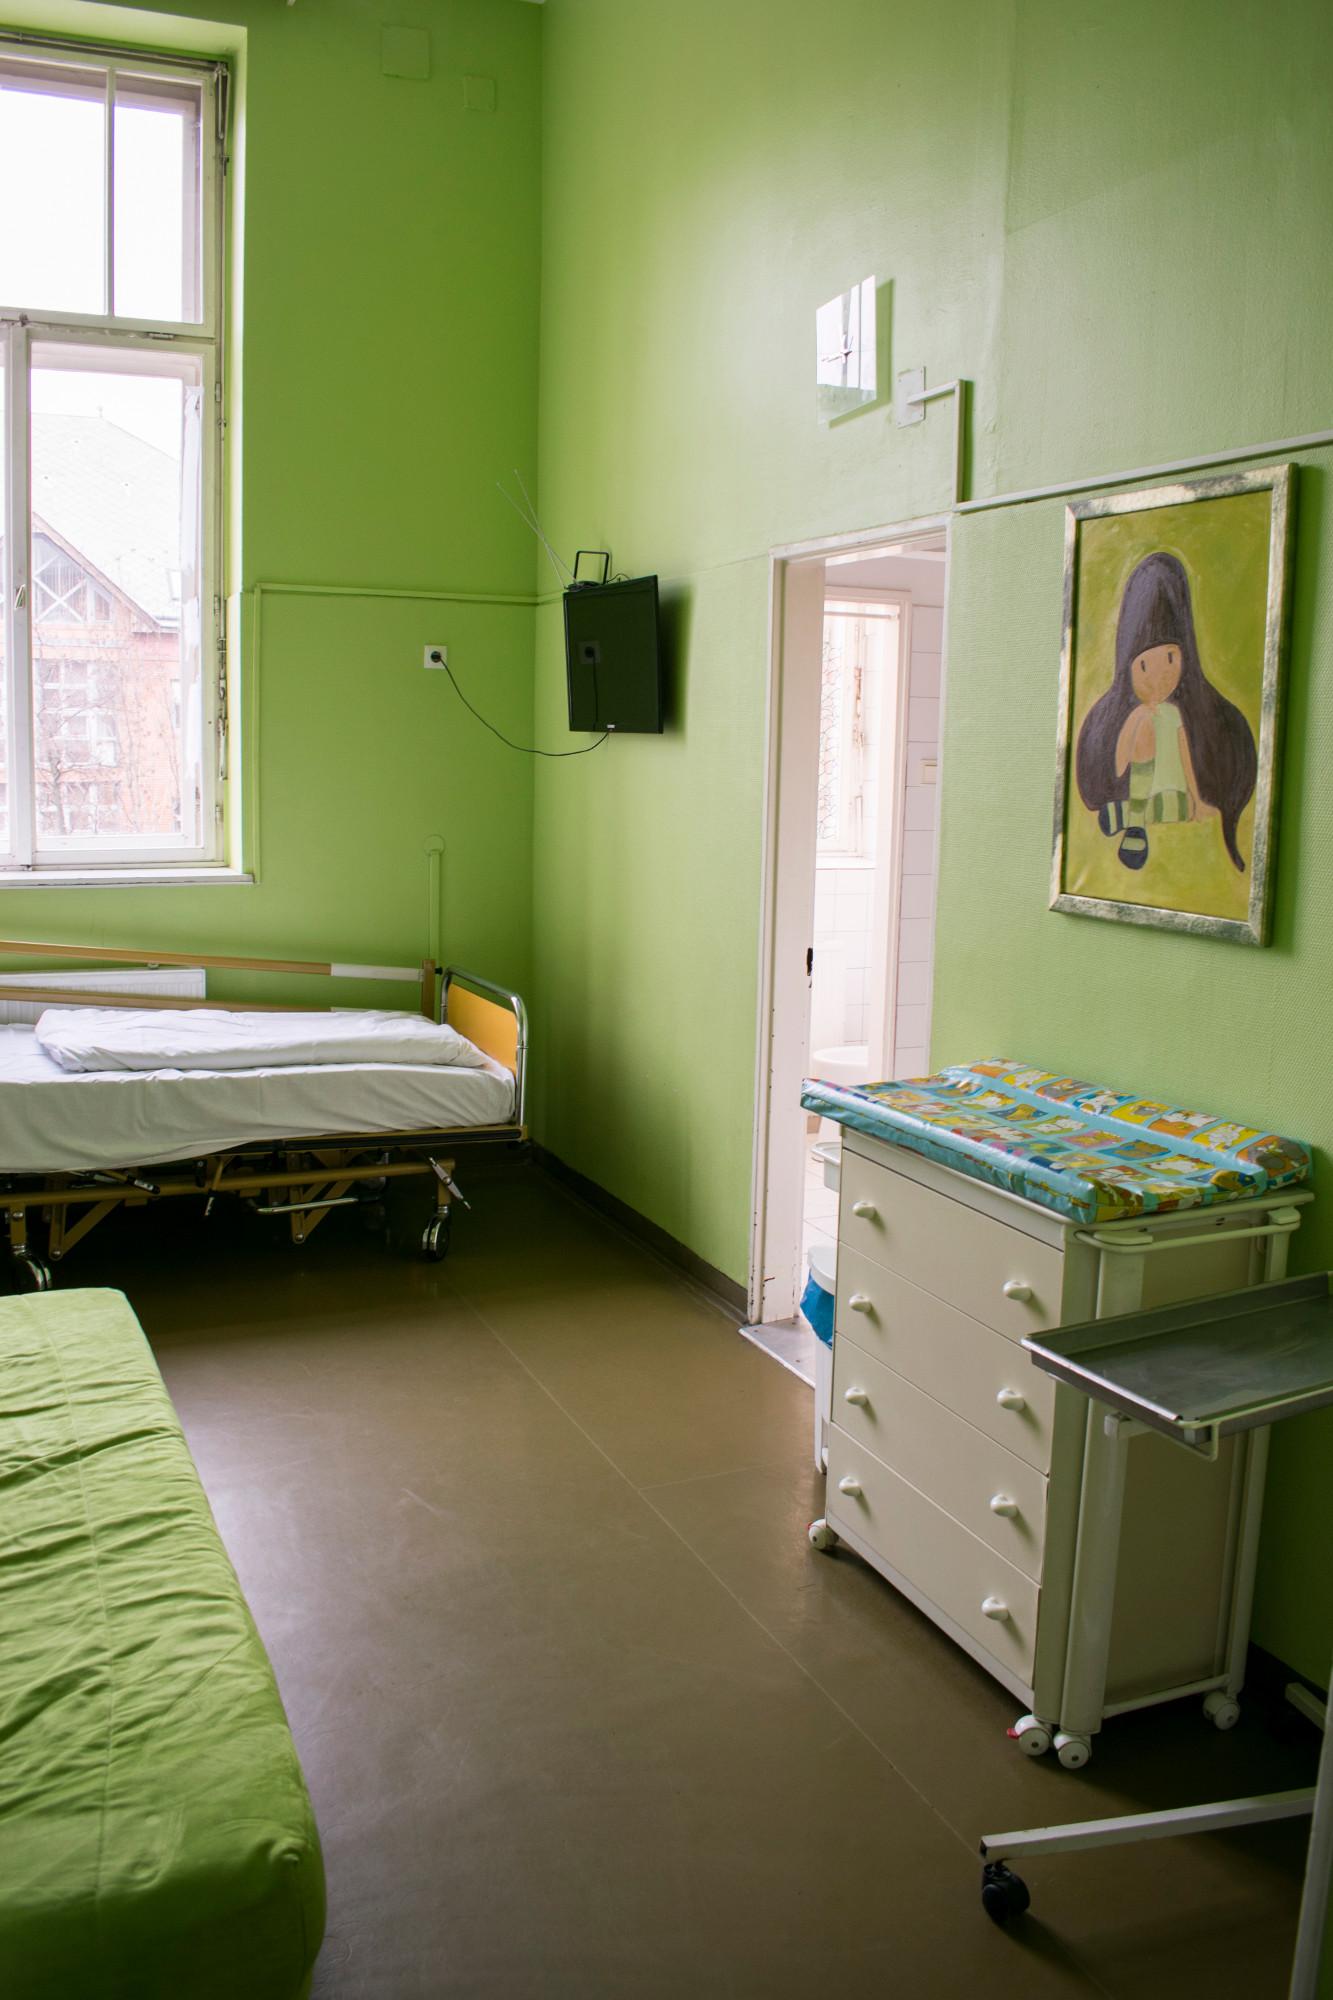 látásra szakosodott szülészeti kórház